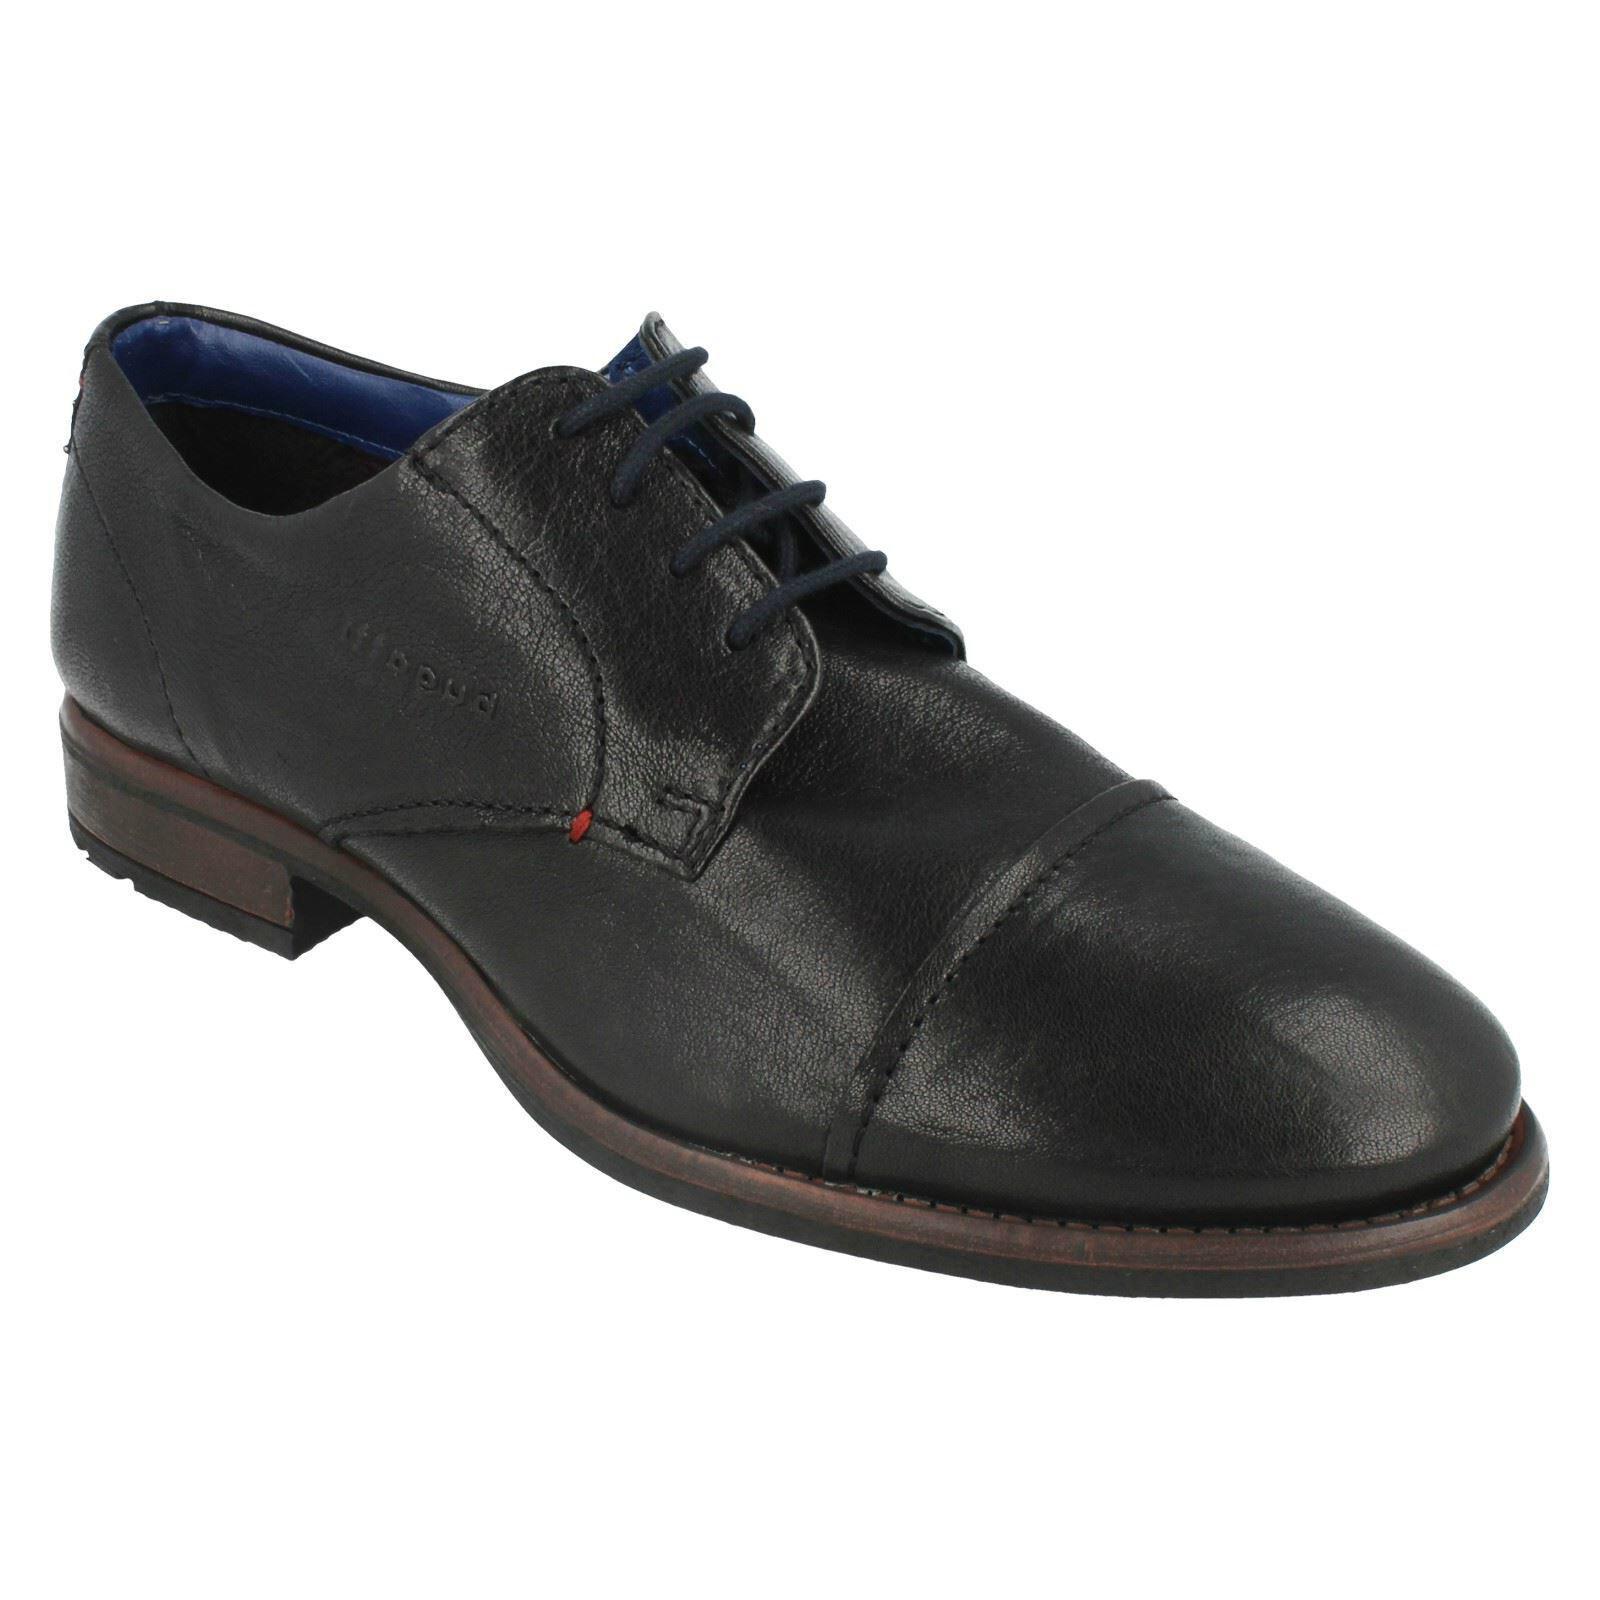 Zapatos De Cuero Bugatti 313-22302-4000 para hombres Inteligente Formal Con Cordones Puntera Oficina